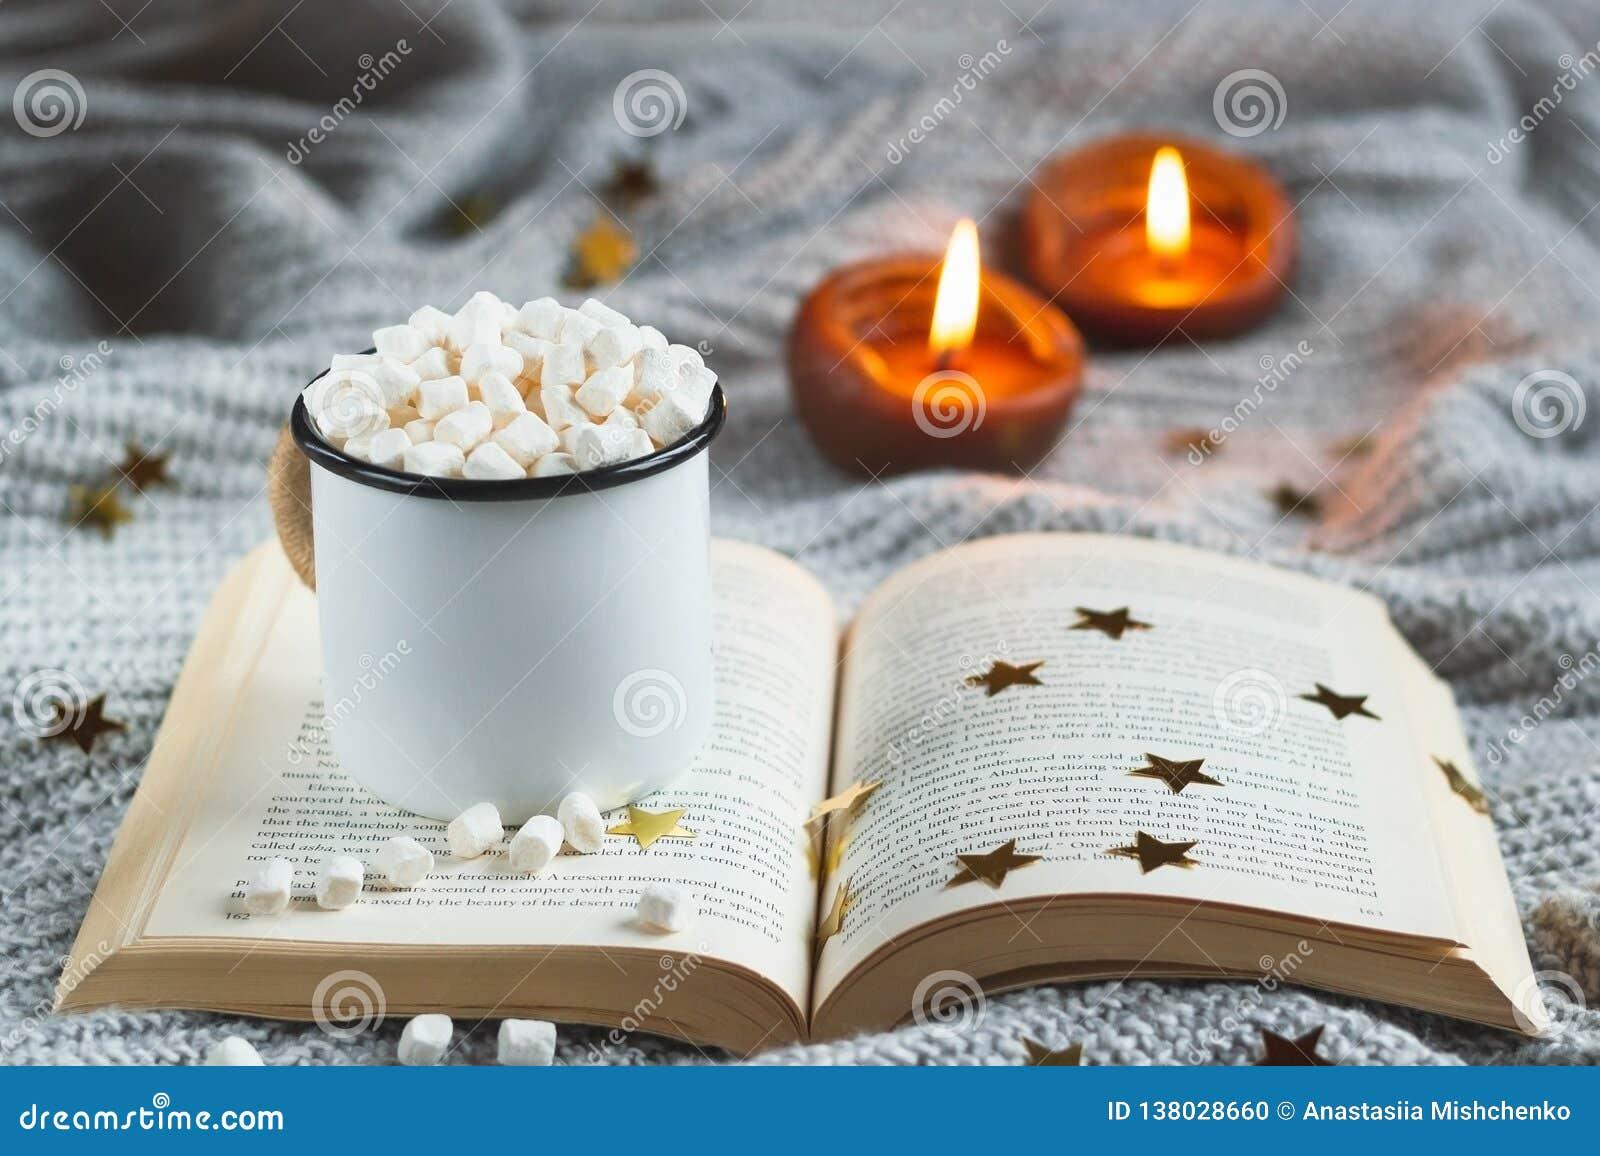 Άσπρη κούπα με το κακάο και marshmallow σε ένα ανοικτό βιβλίο σε μια ανοικτό γκρι κατασκευασμένη ΤΣΕ